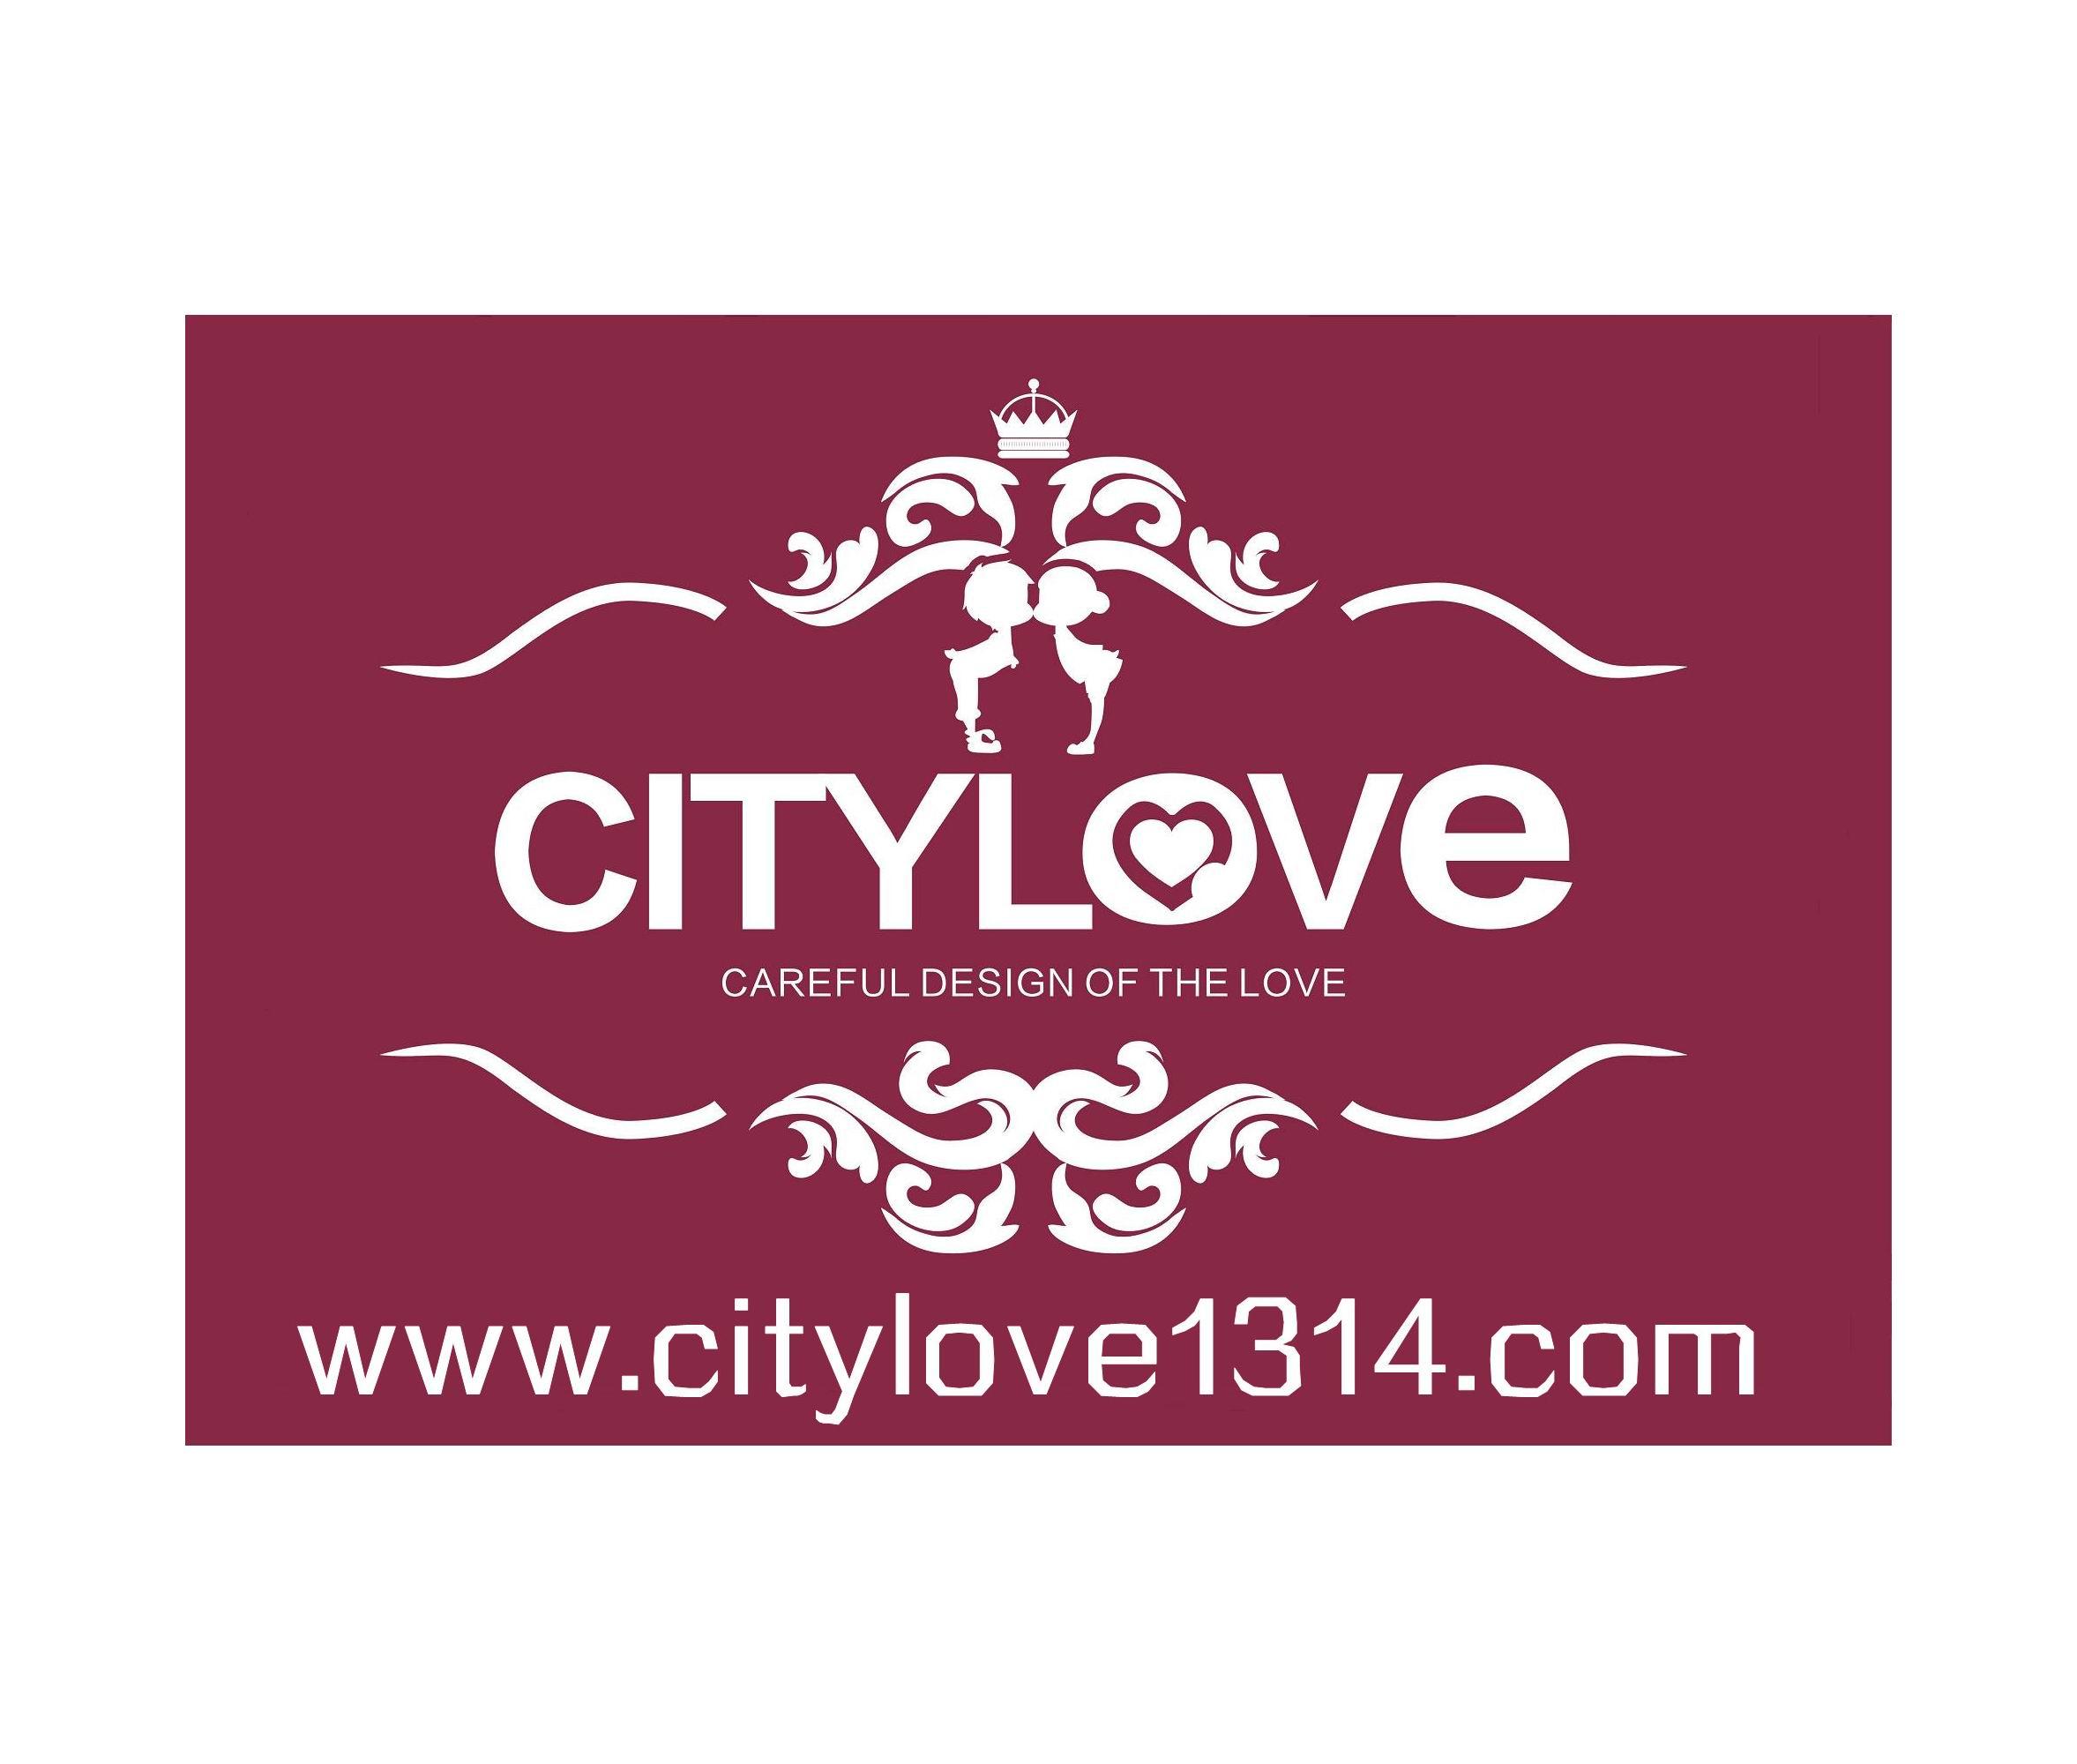 上海求婚策划价格求婚多少钱CITYLOVE求婚公司